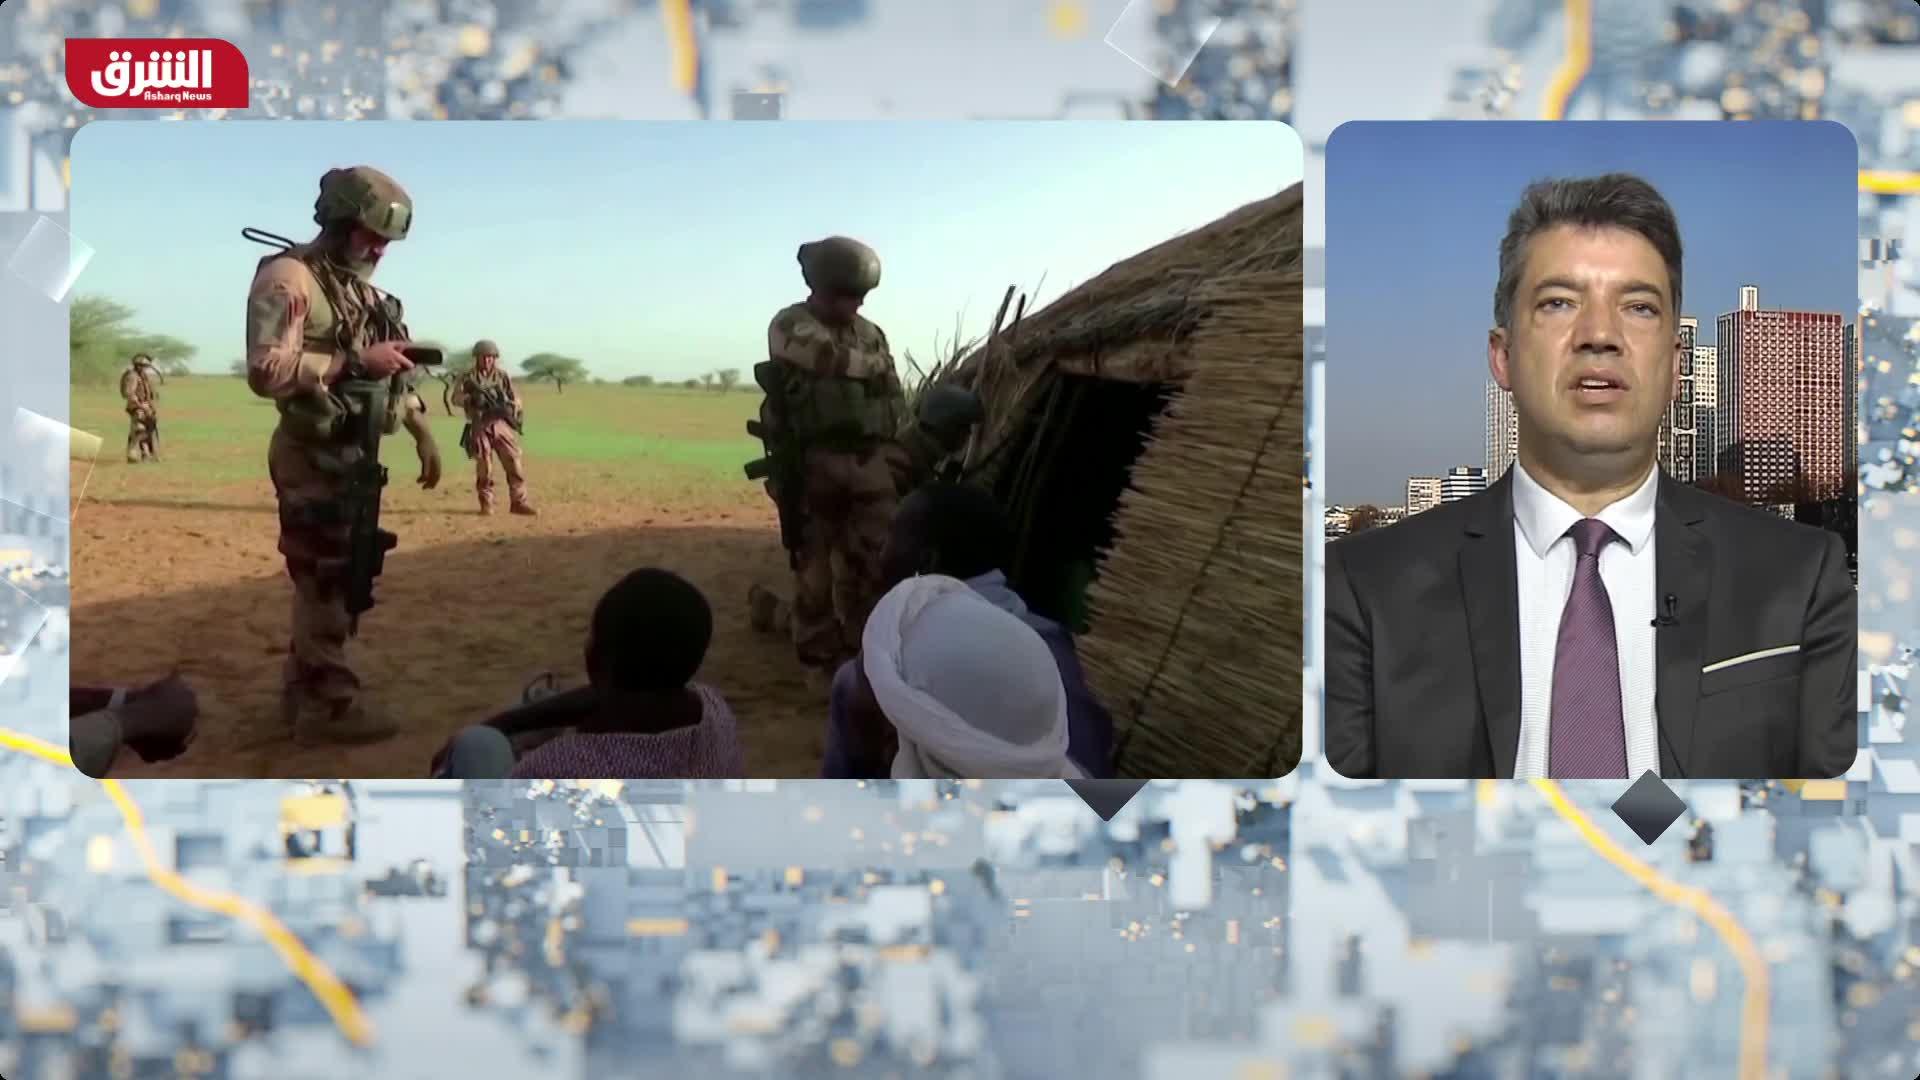 مخاوف من تحالف العسكري في مالي مع الجماعات المسلحة